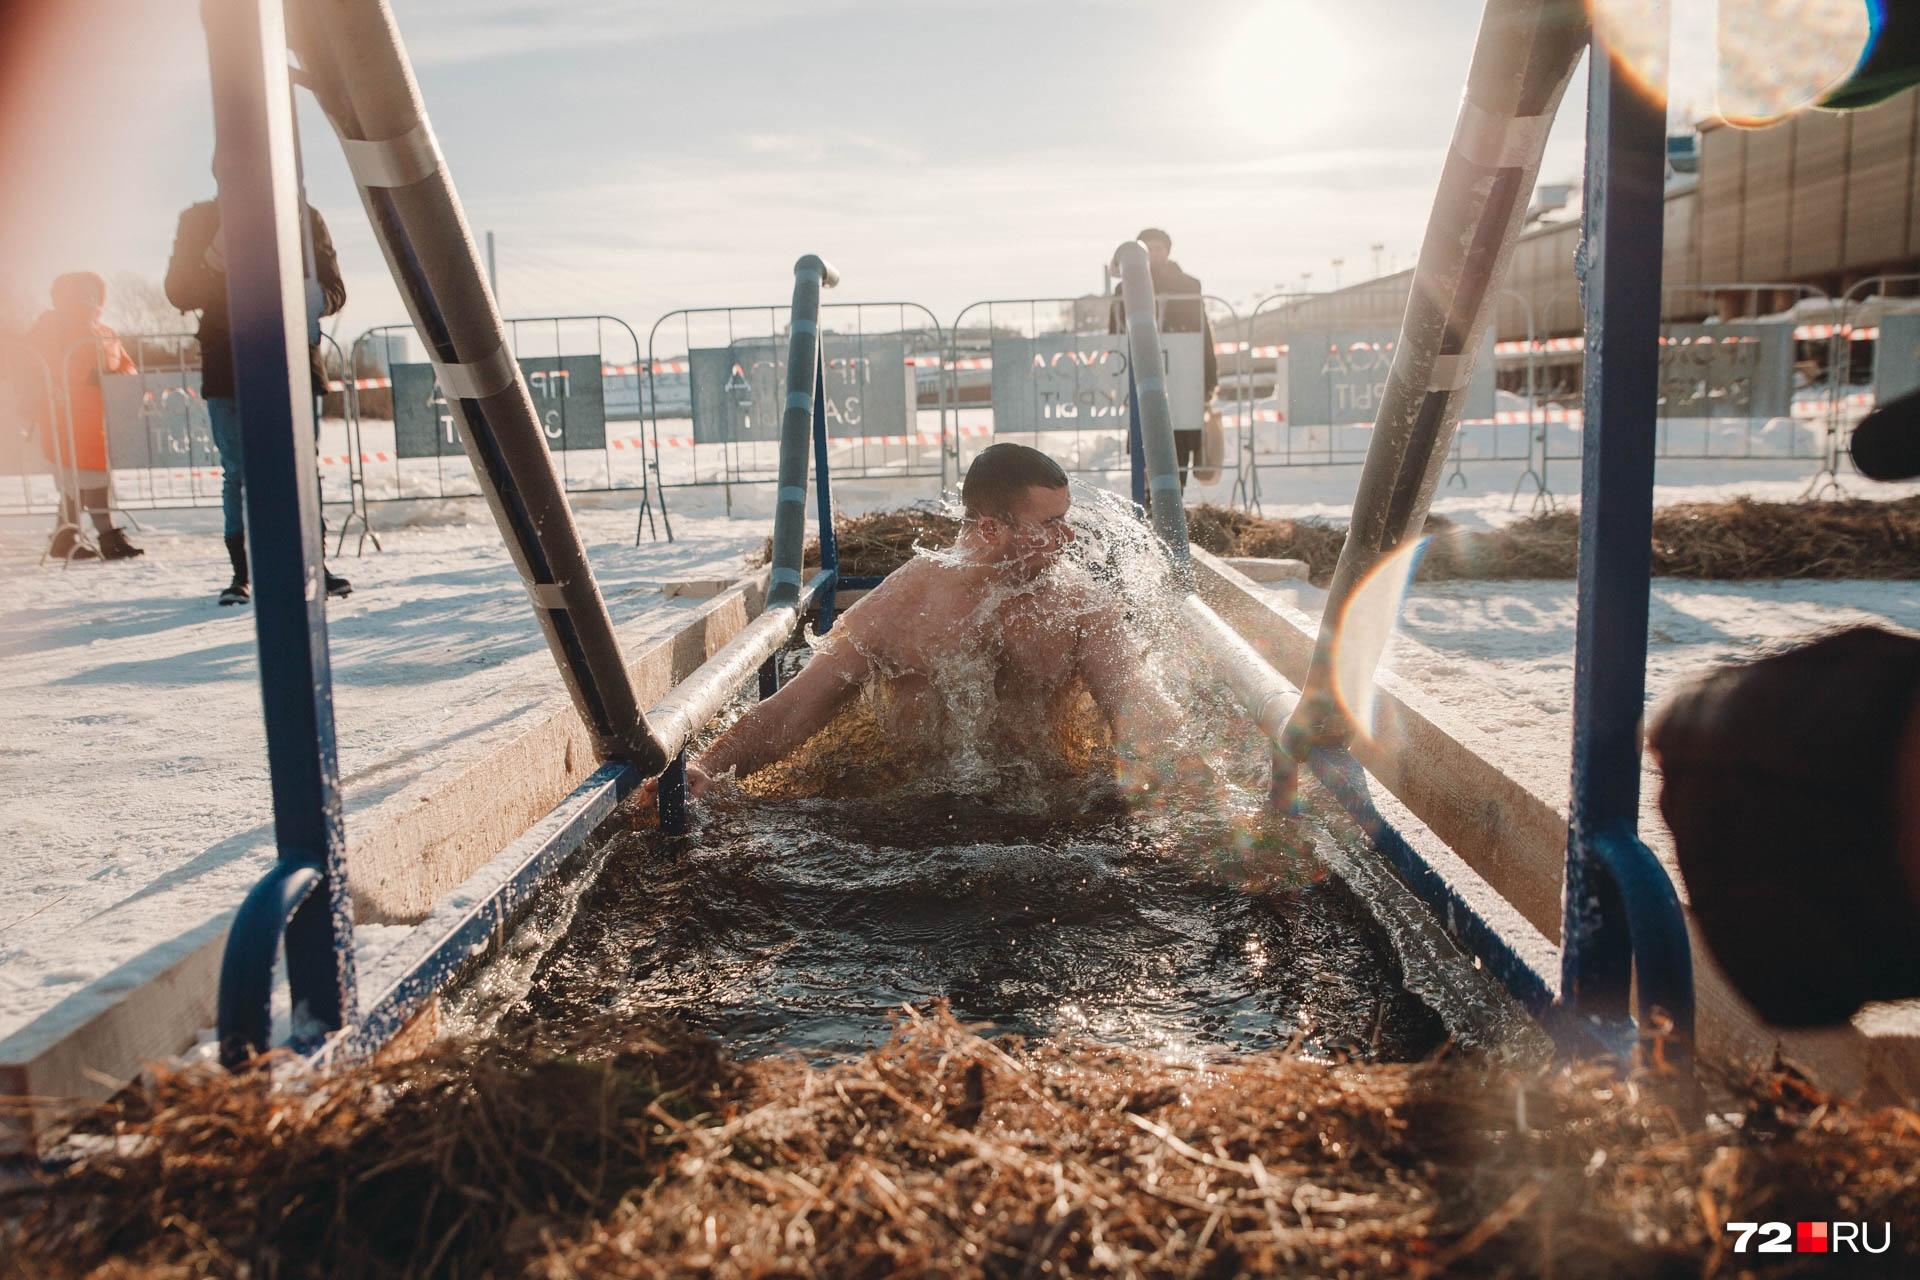 Один из первых окунувшихся мужчин в ледяную воду. Это тюменец Александр. Мужчина говорит, что старается каждый год искупаться, но не всегда это у него получается. А вообще на его счету уже девять таких погружений. К этому обряду он готовится заранее и признается, что в первую очередь это эмоциональная подготовка